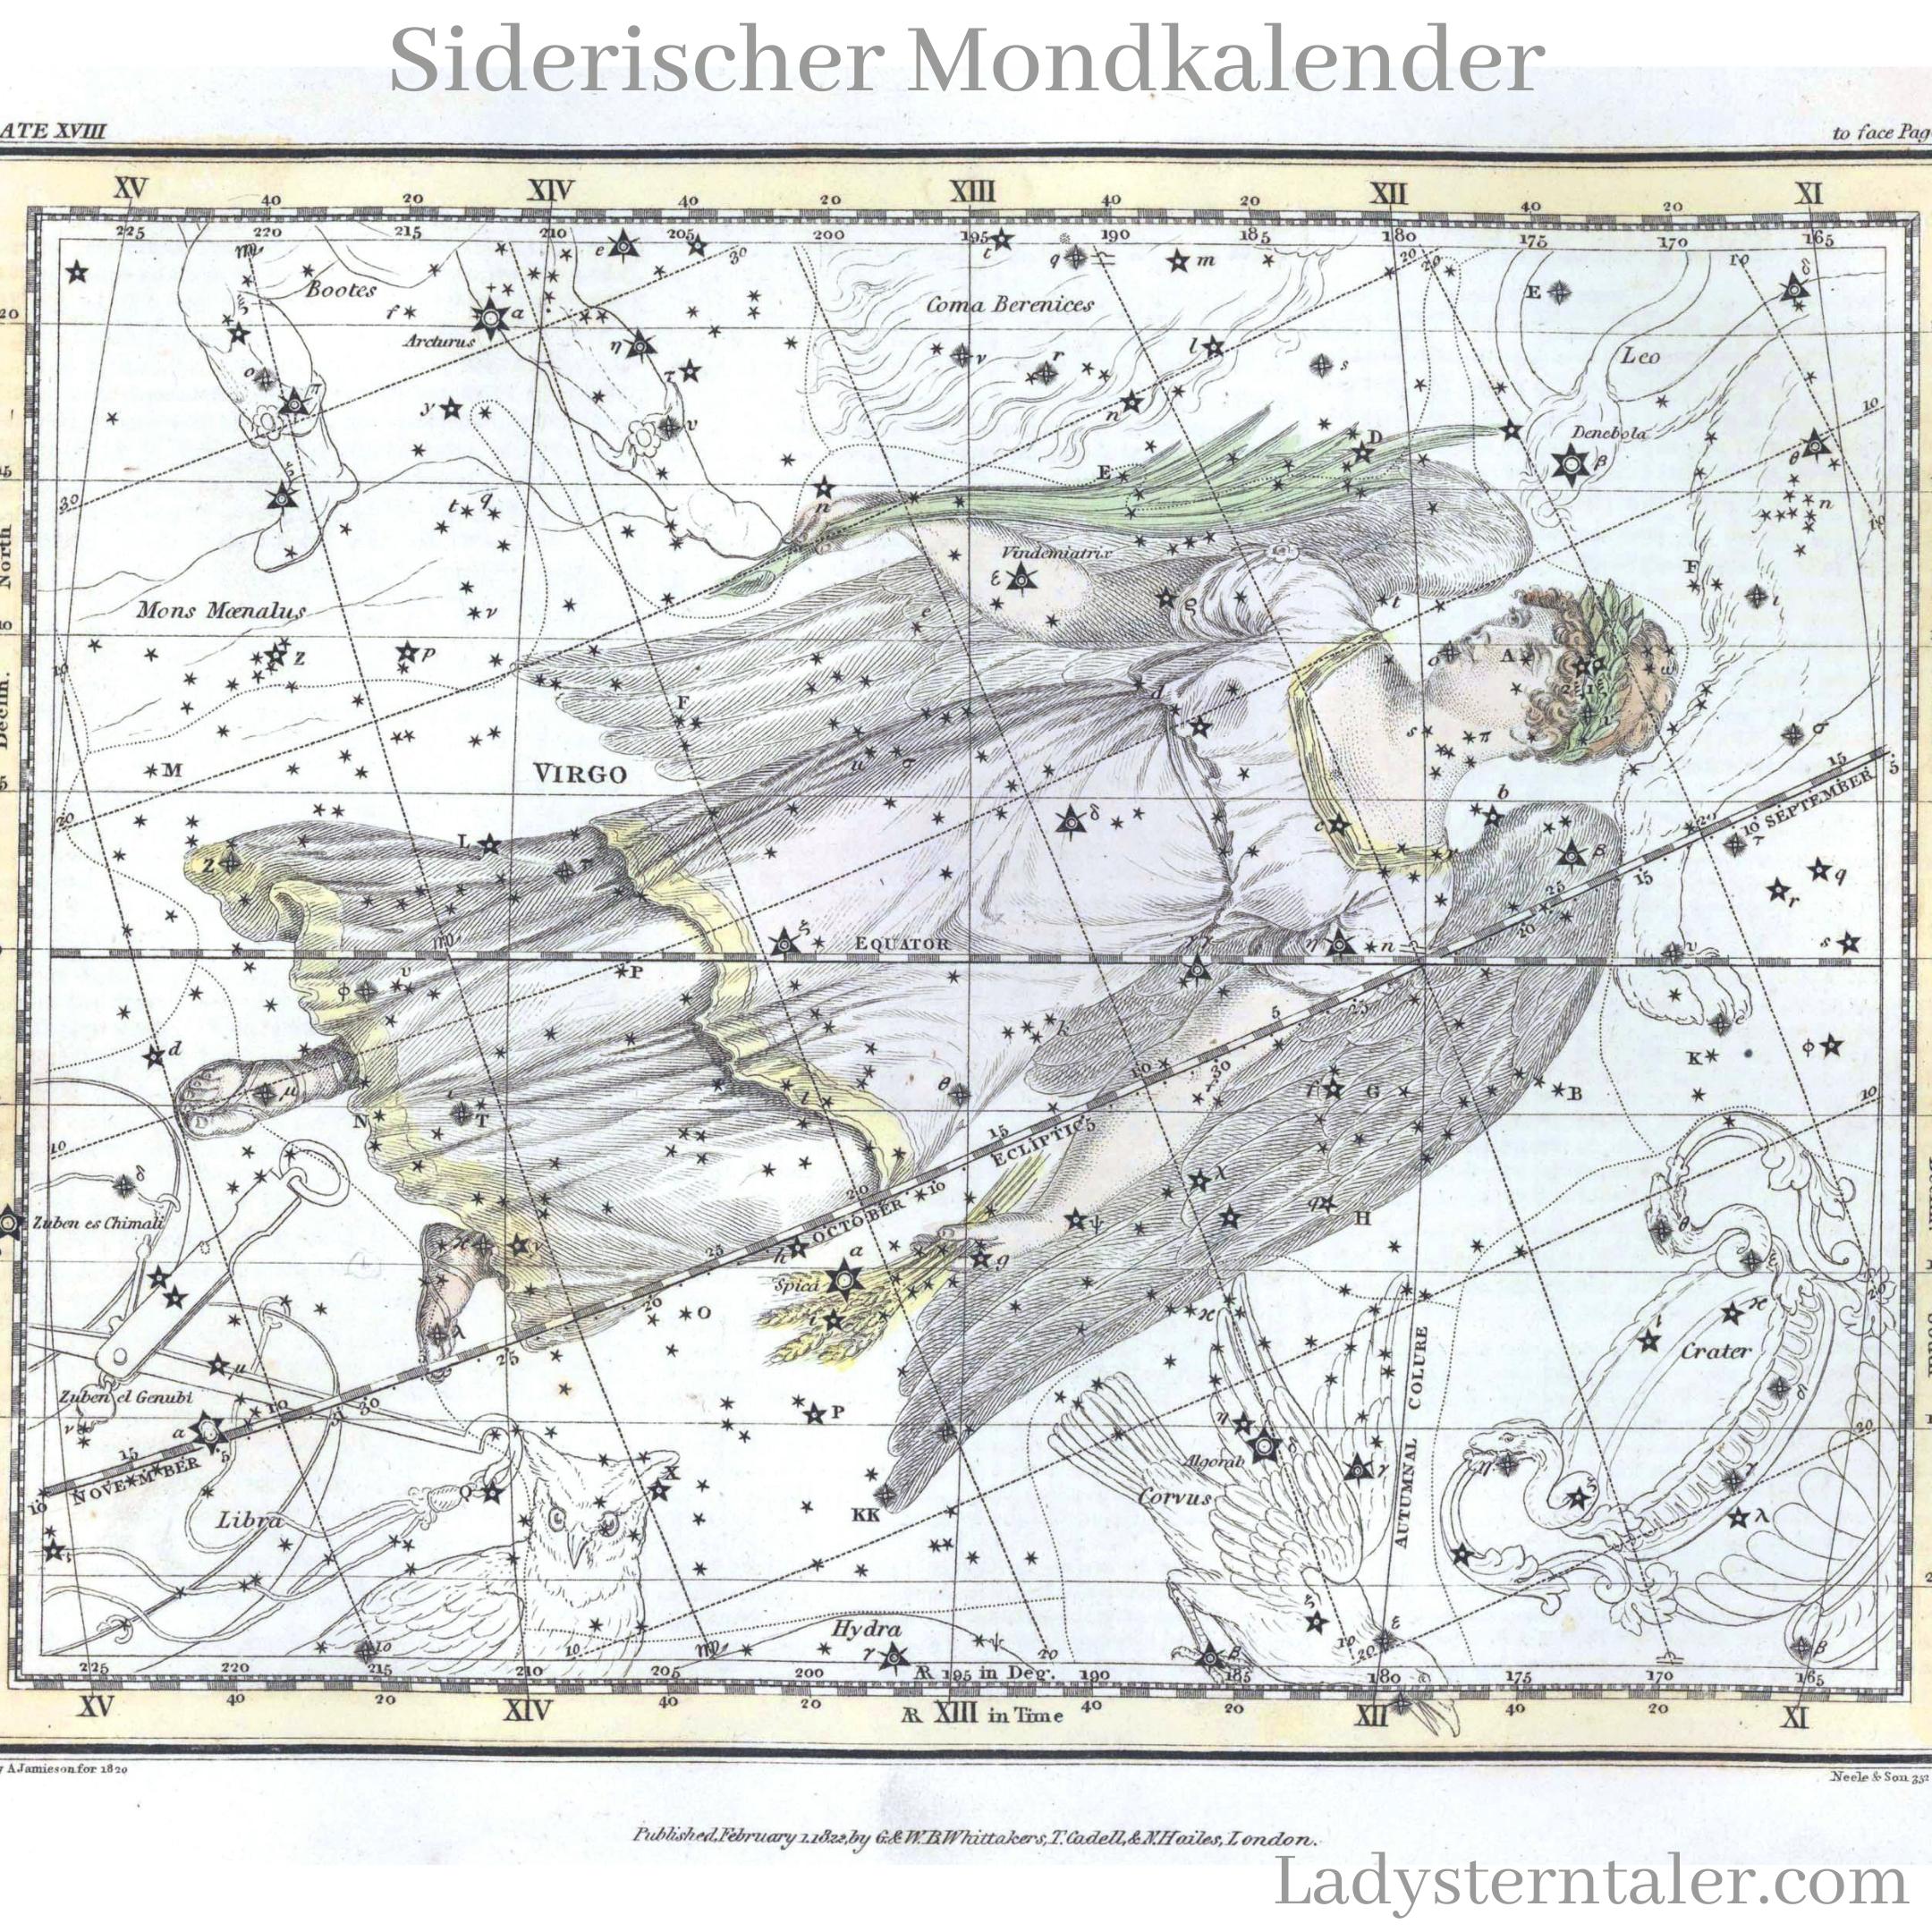 Siderischer Mondkalender (3)